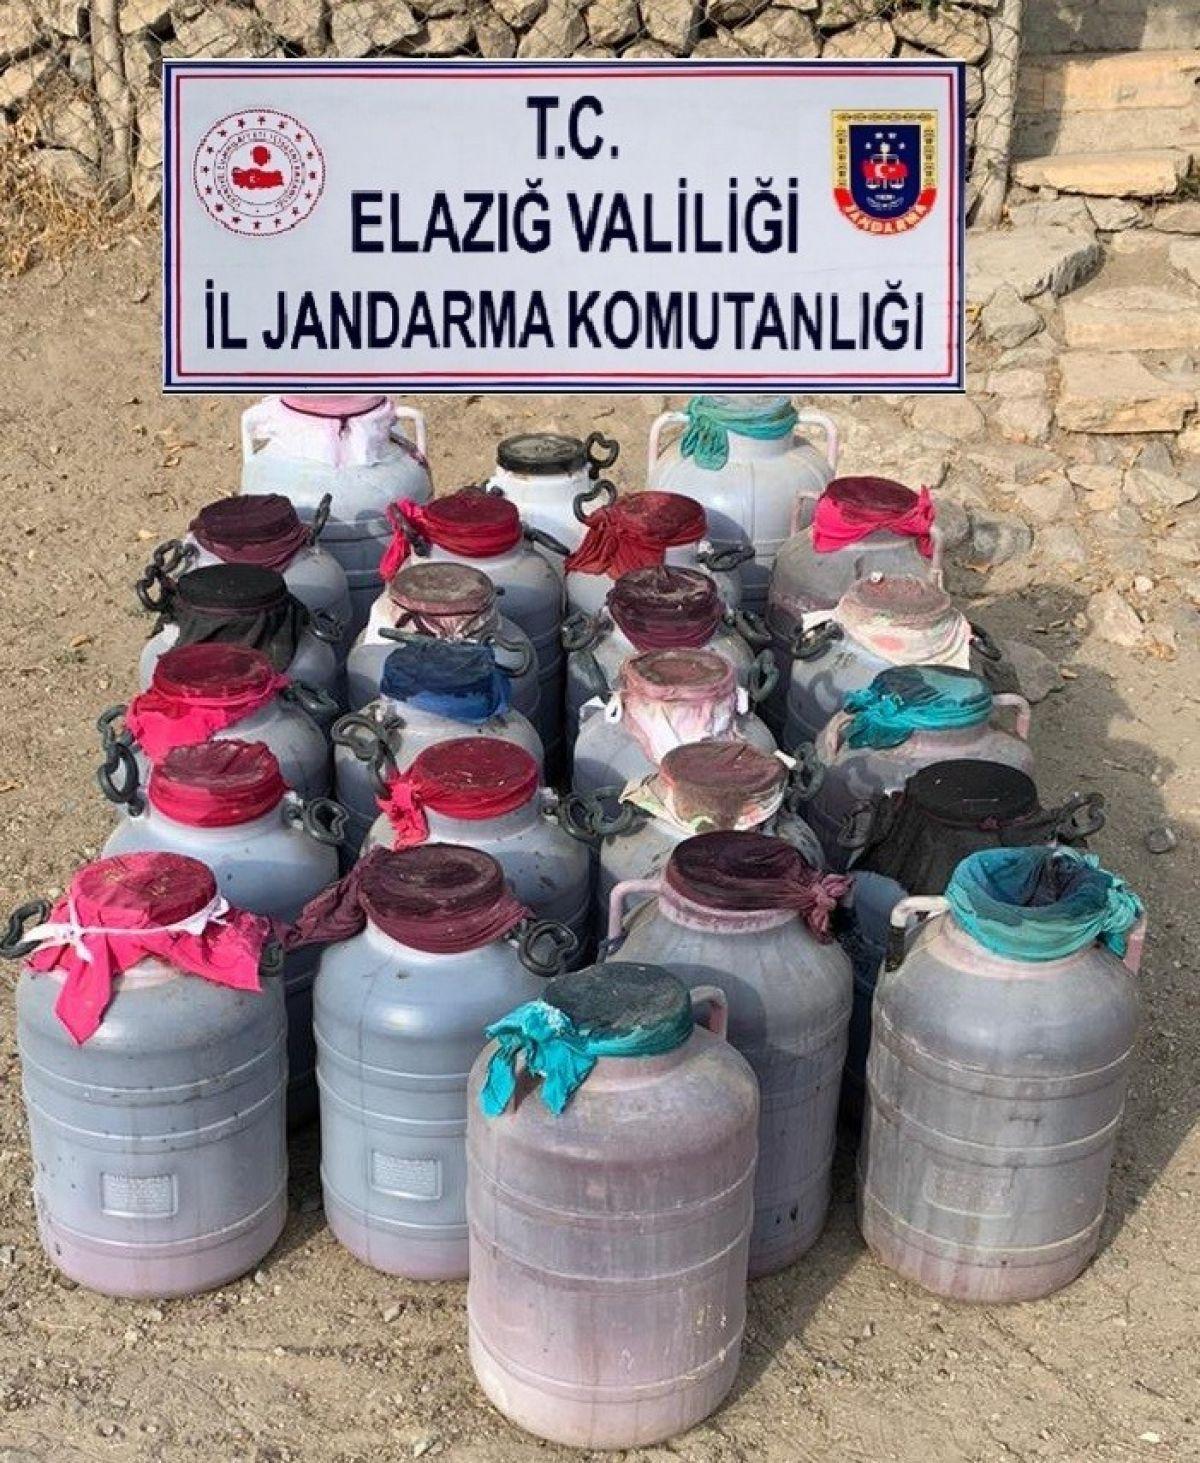 Elazığ'da 1 tondan fazla kaçak şarap ele geçirildi #5